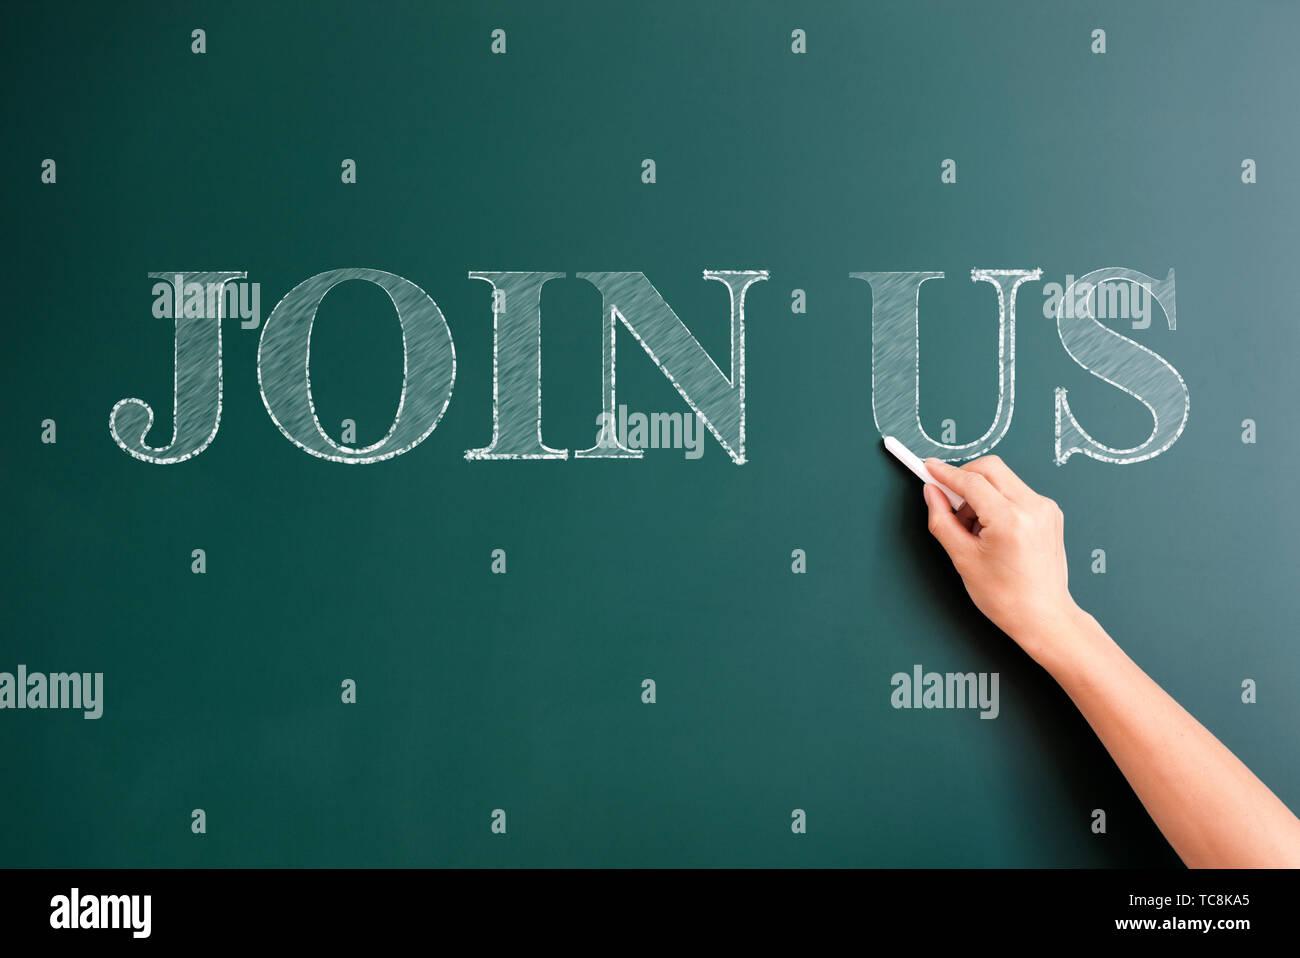 join us written on blackboard - Stock Image